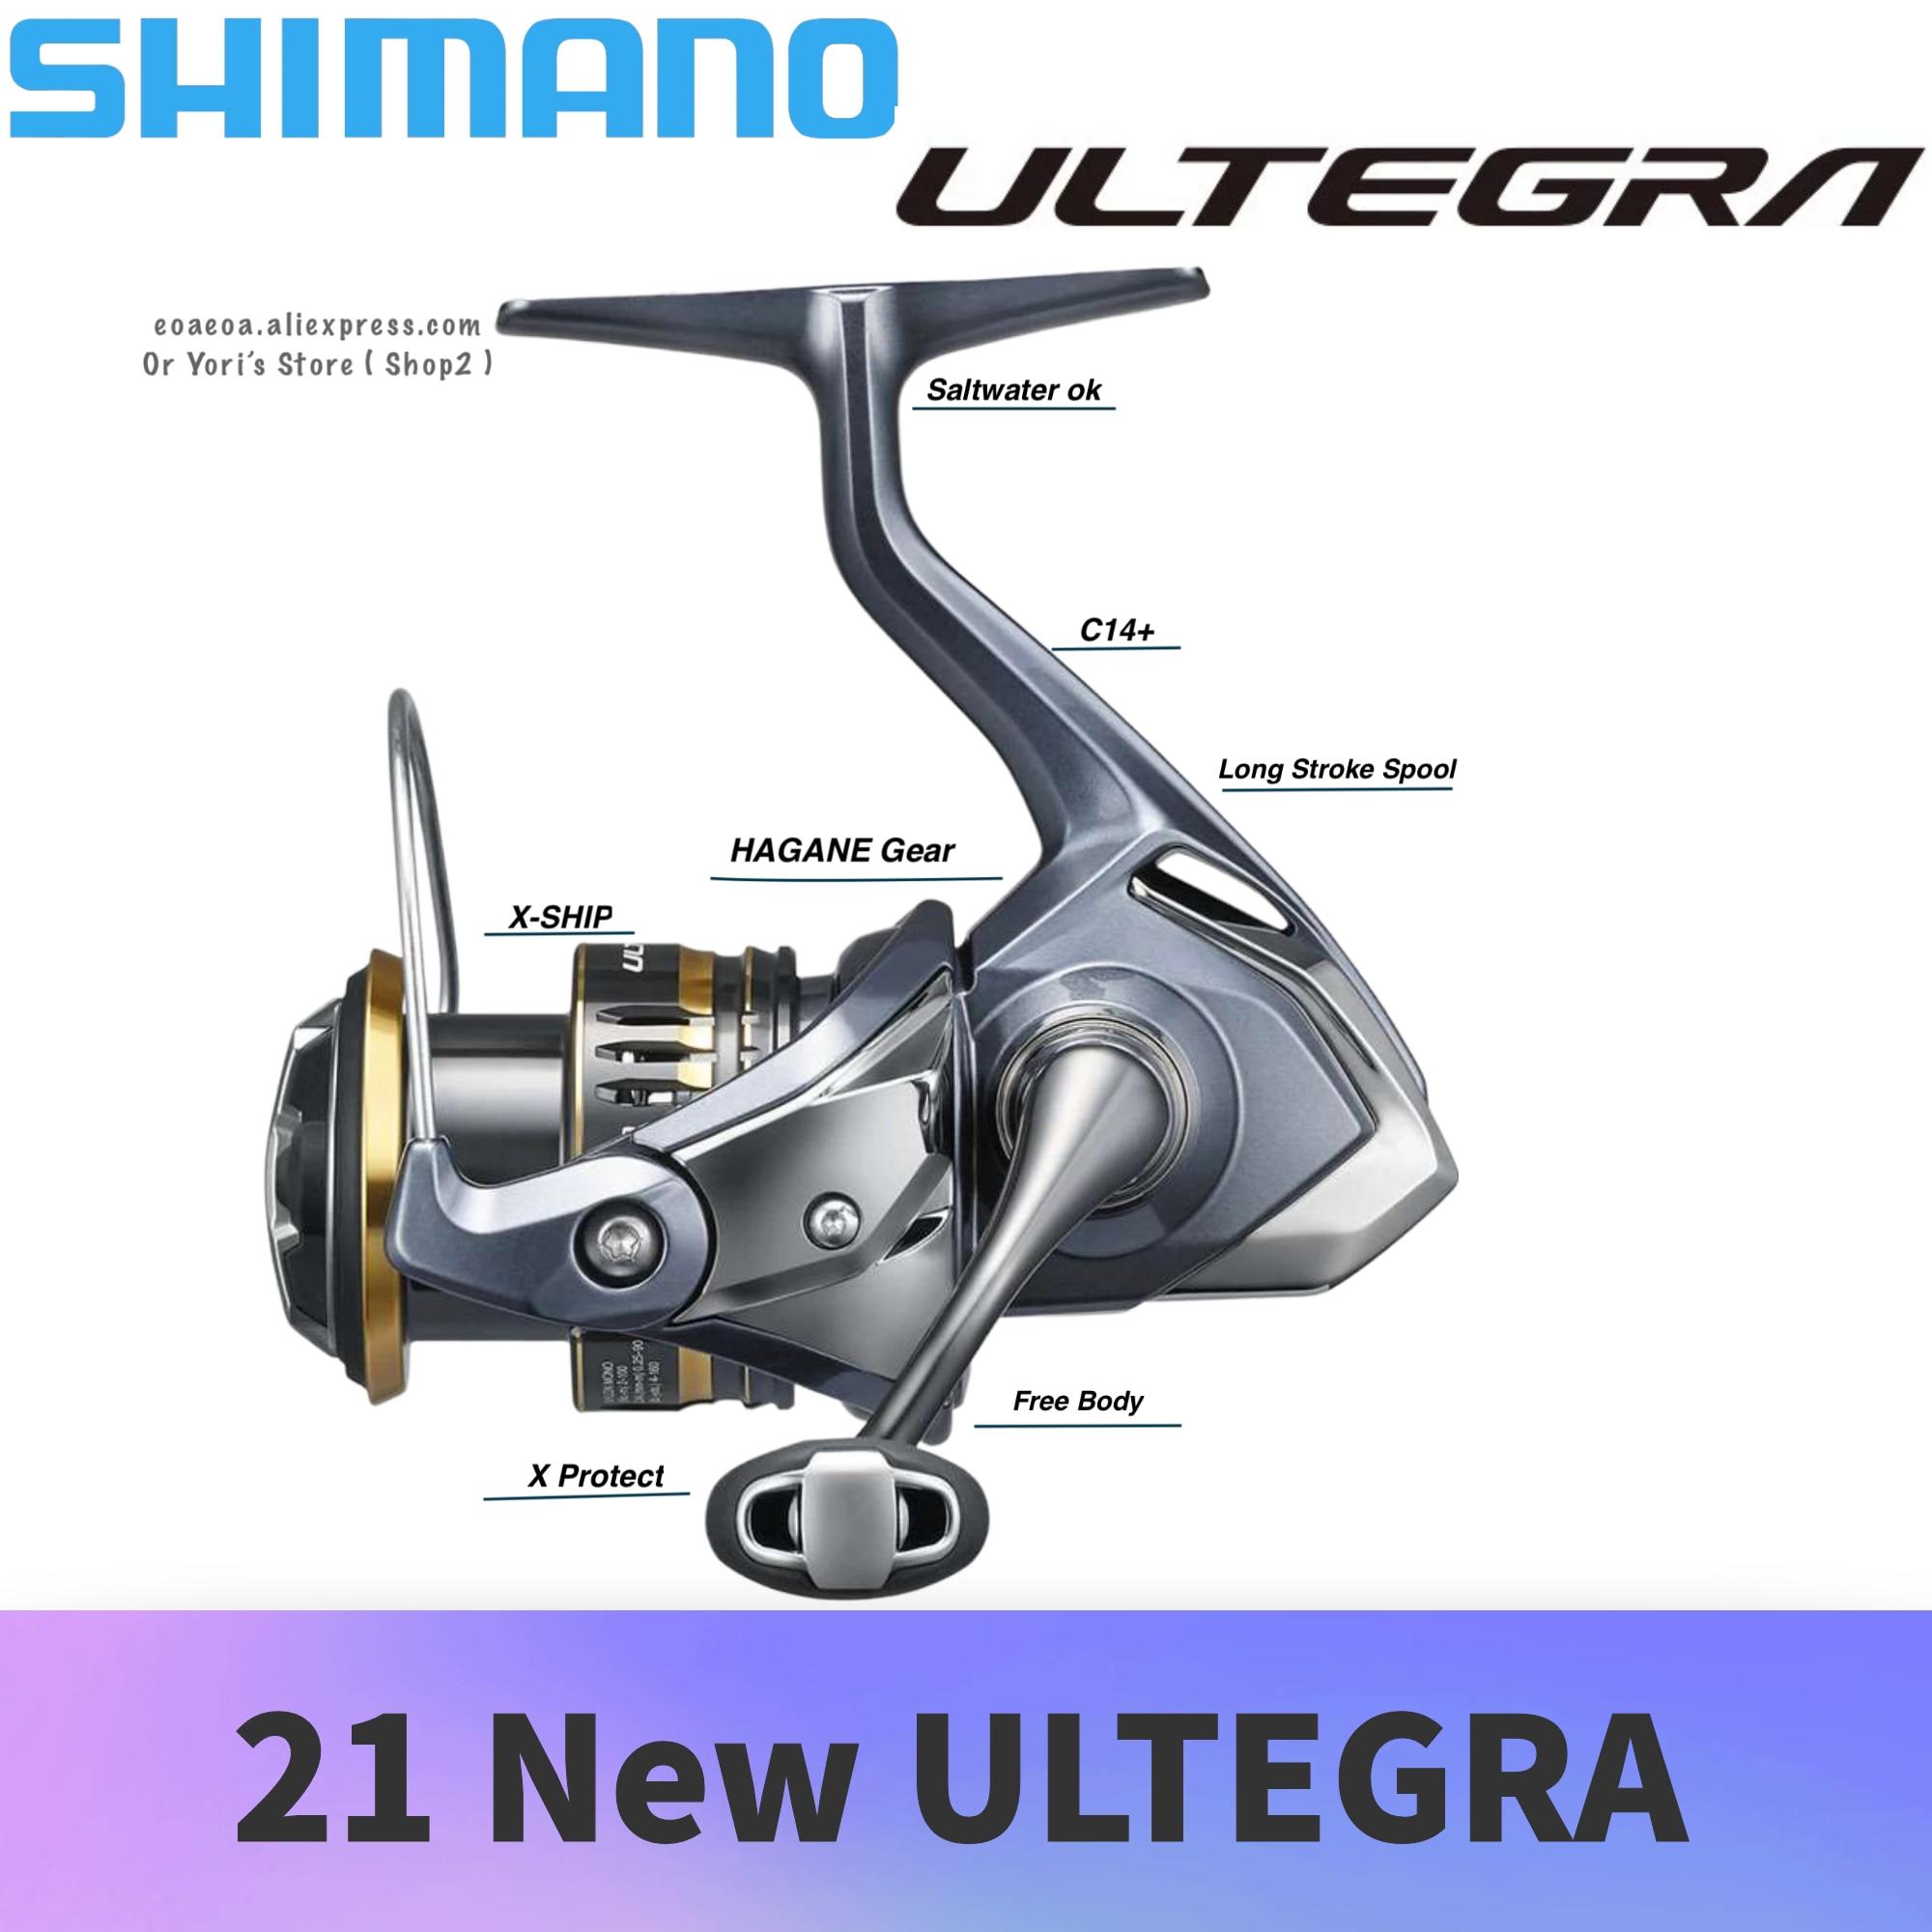 21 New Shimano Ultegra 2500 C3000 C3000HG 4000 C2000HG 2500HG HAGANE Body Saltwater Pesca Fishing Spinning Reel